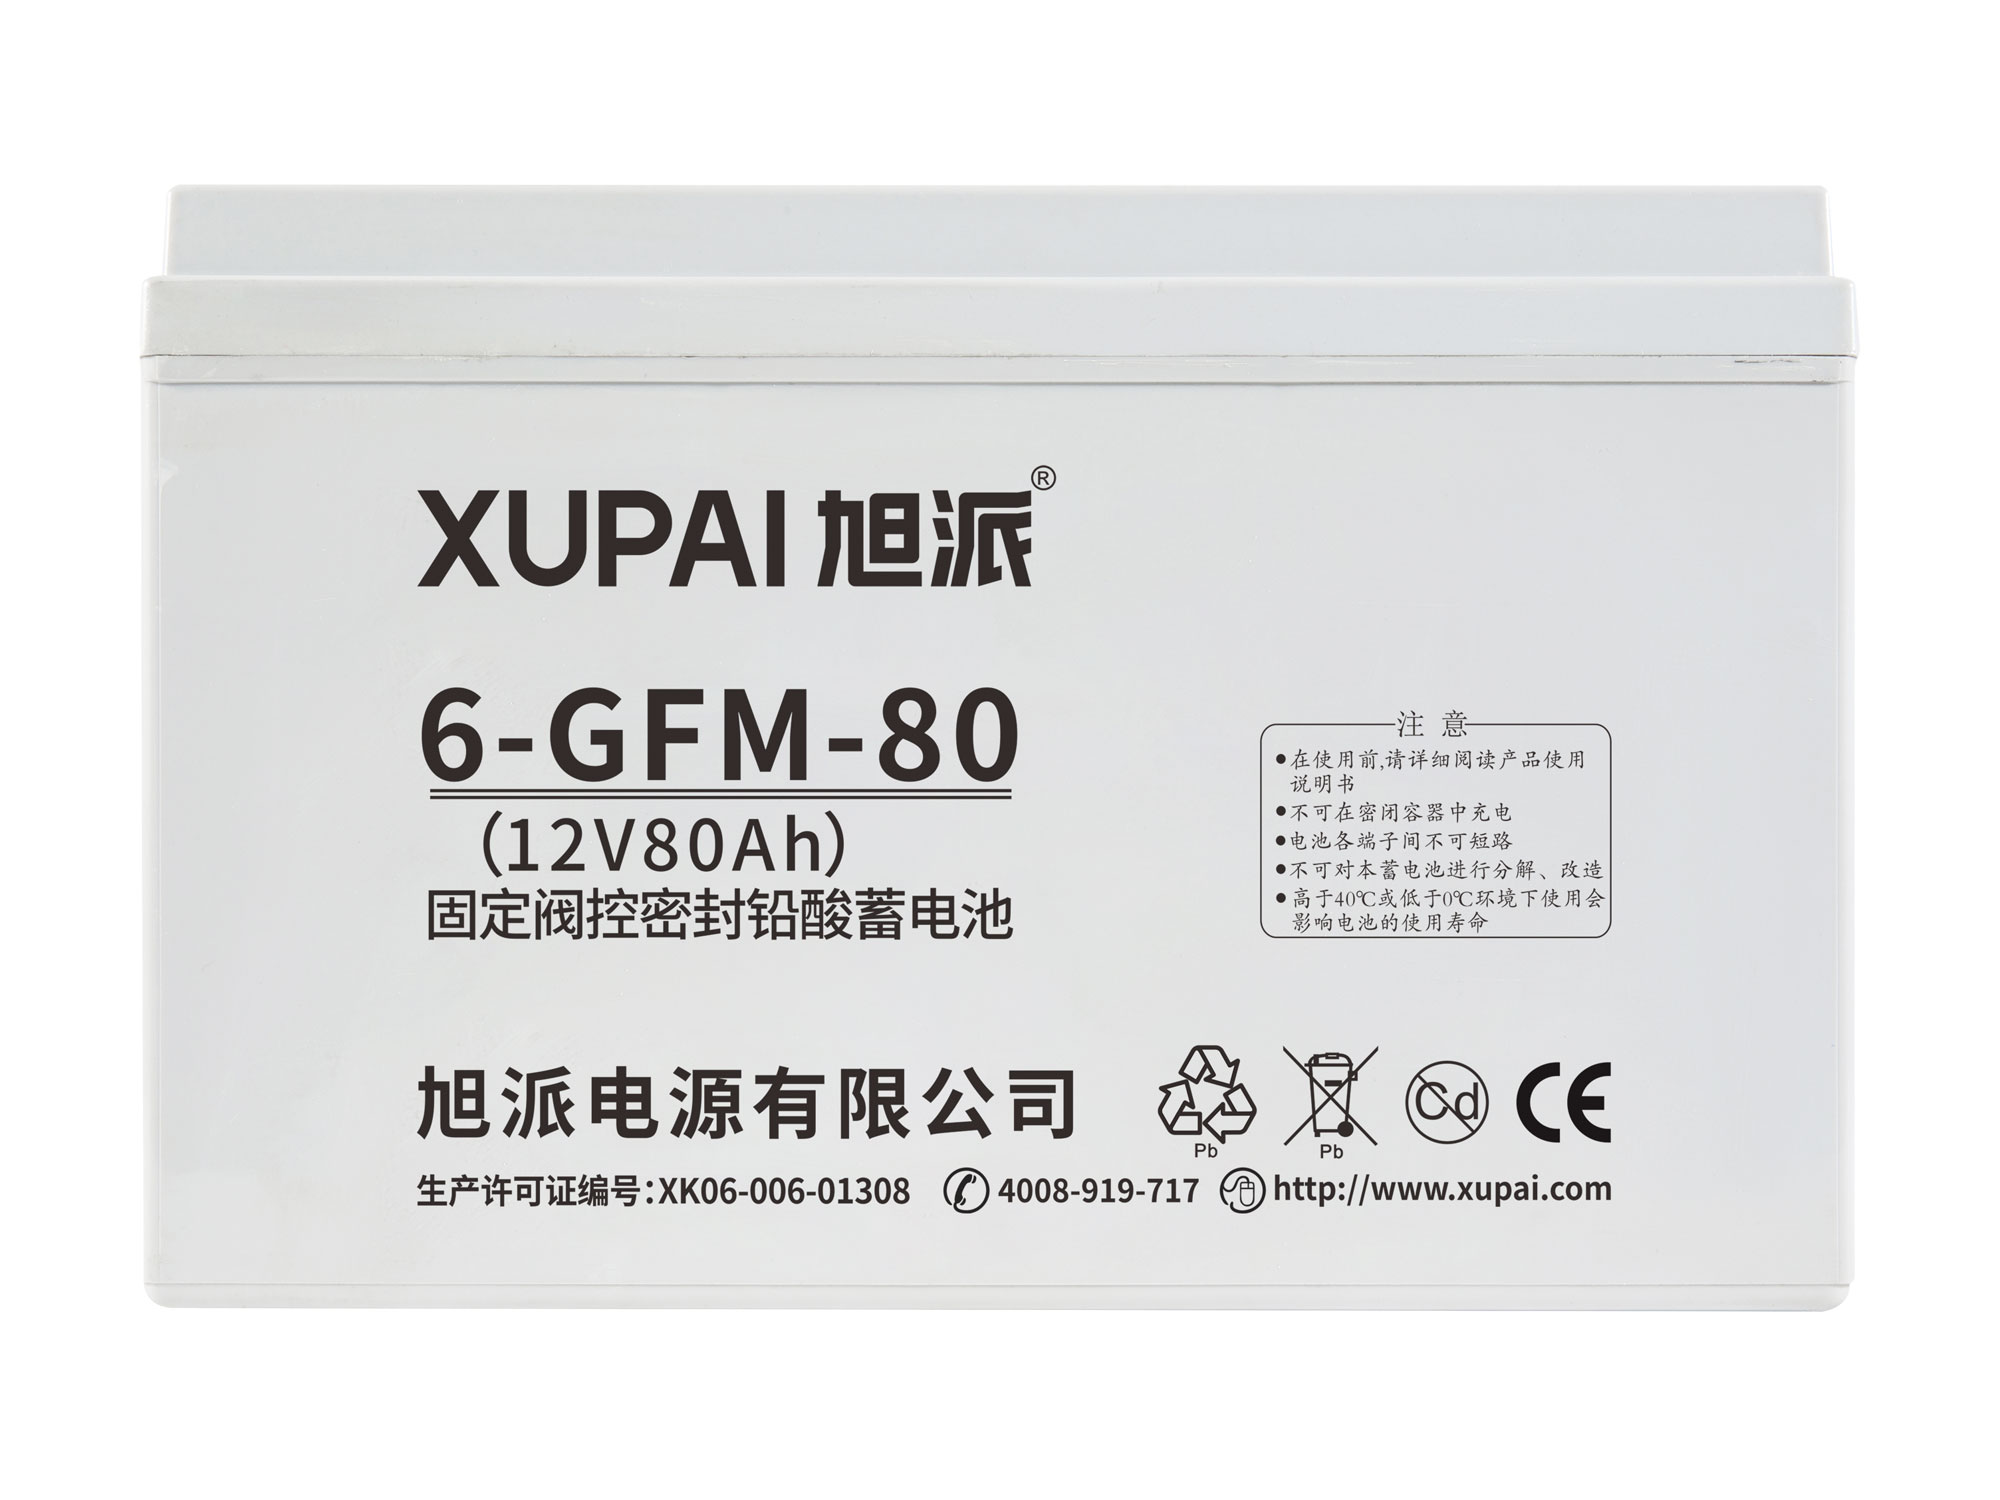 6-gfm-80